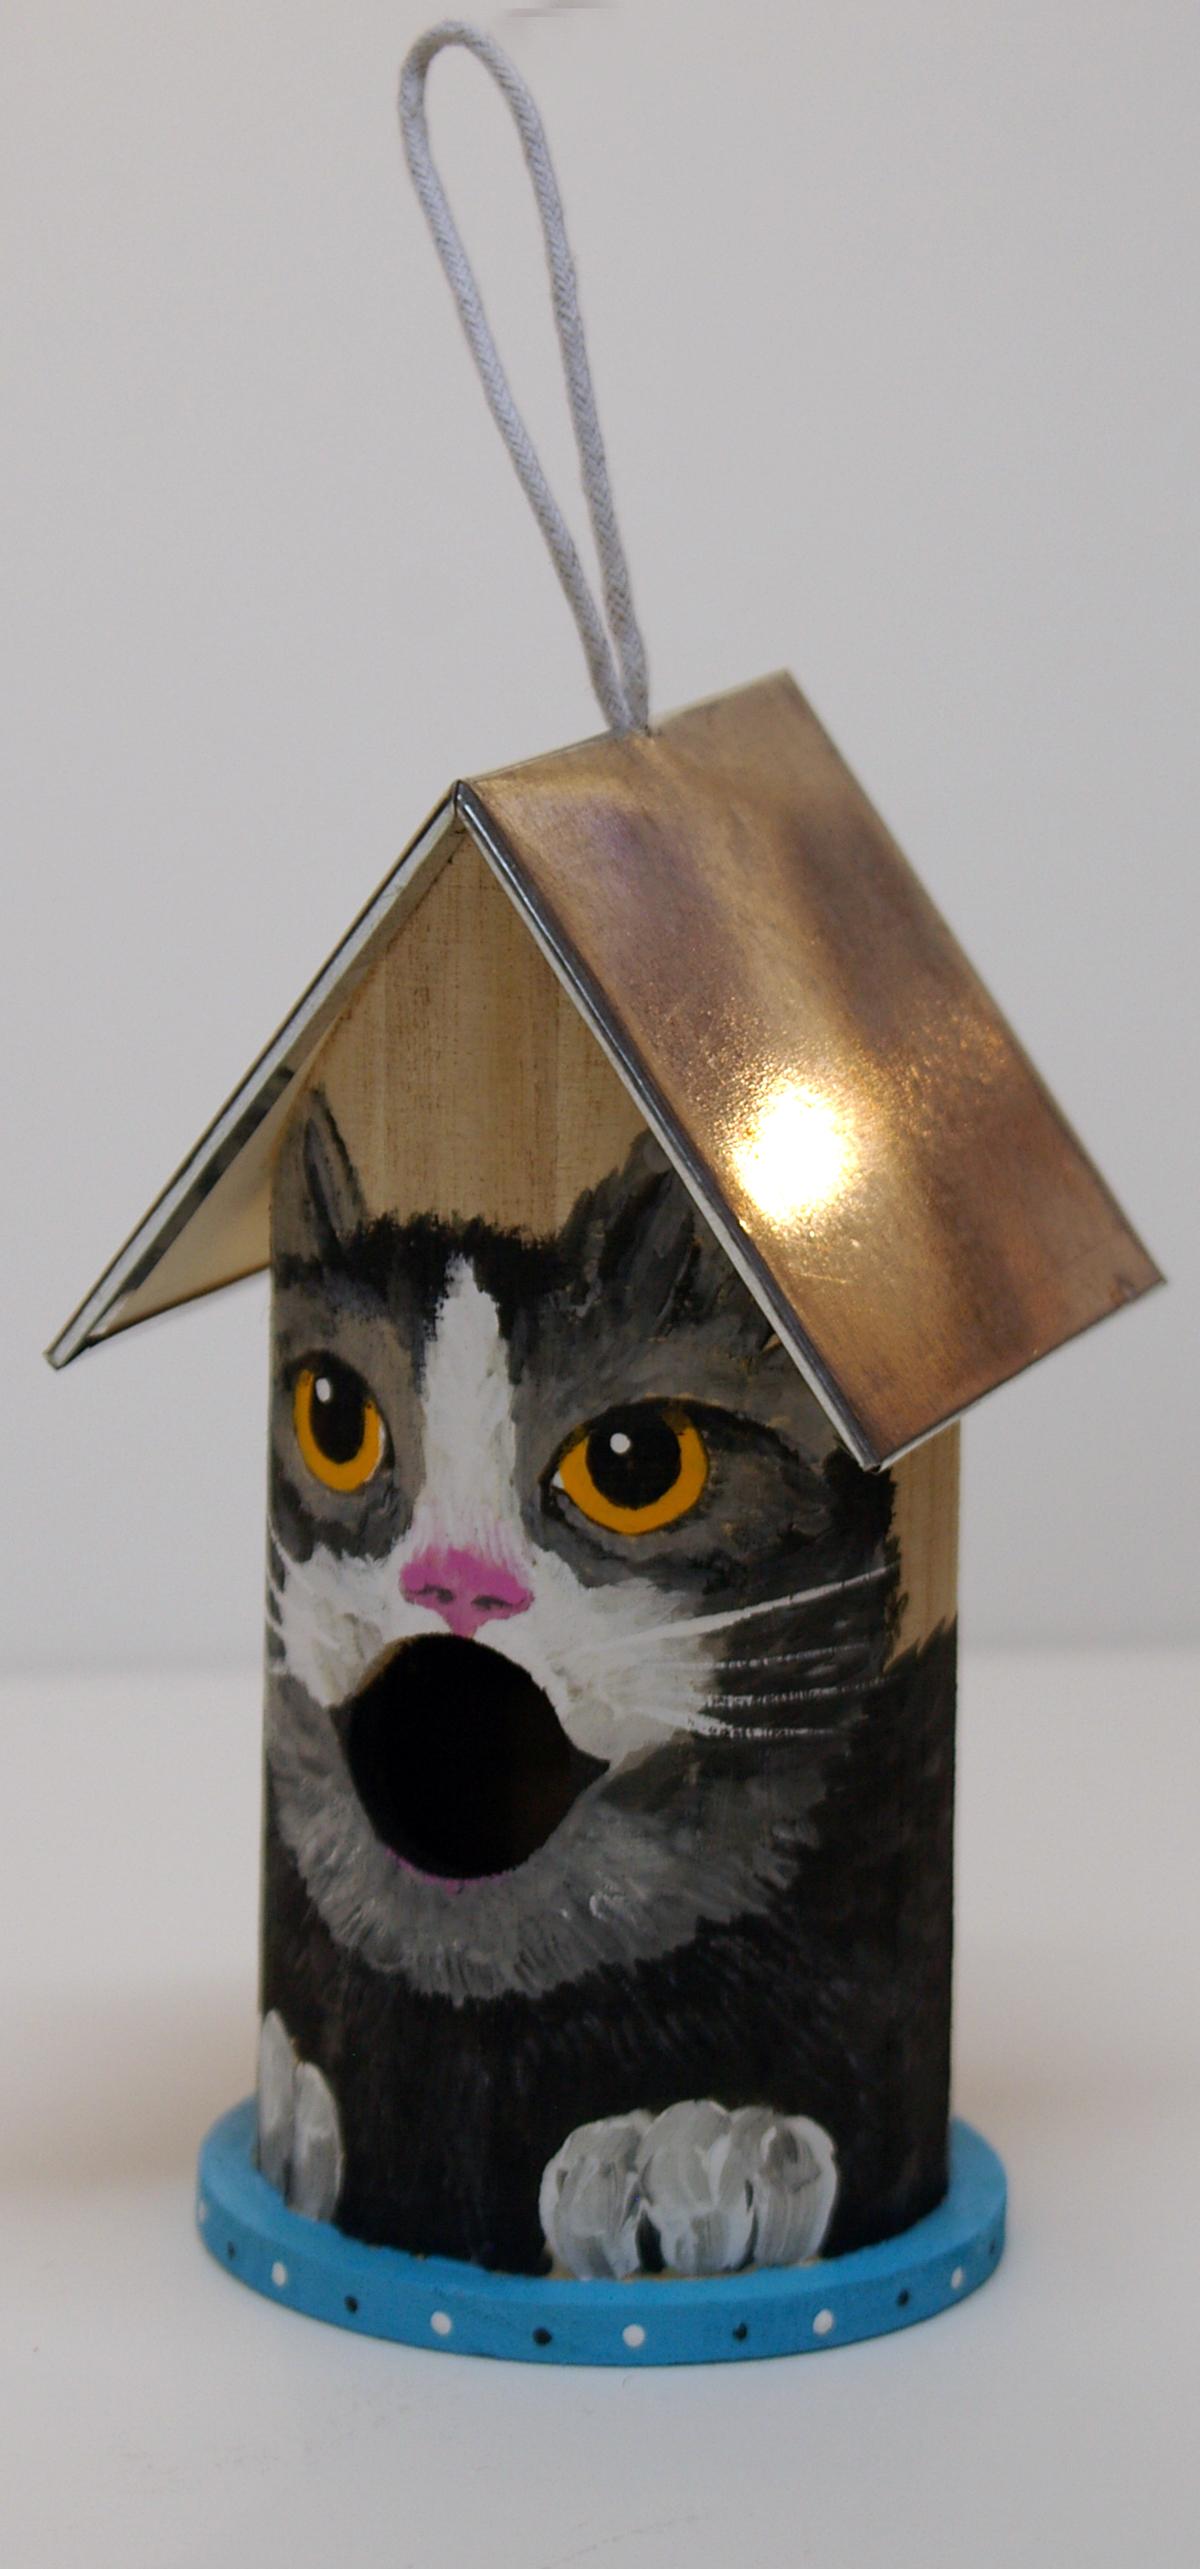 under-a-hot-tin-roof-atuer.jpg